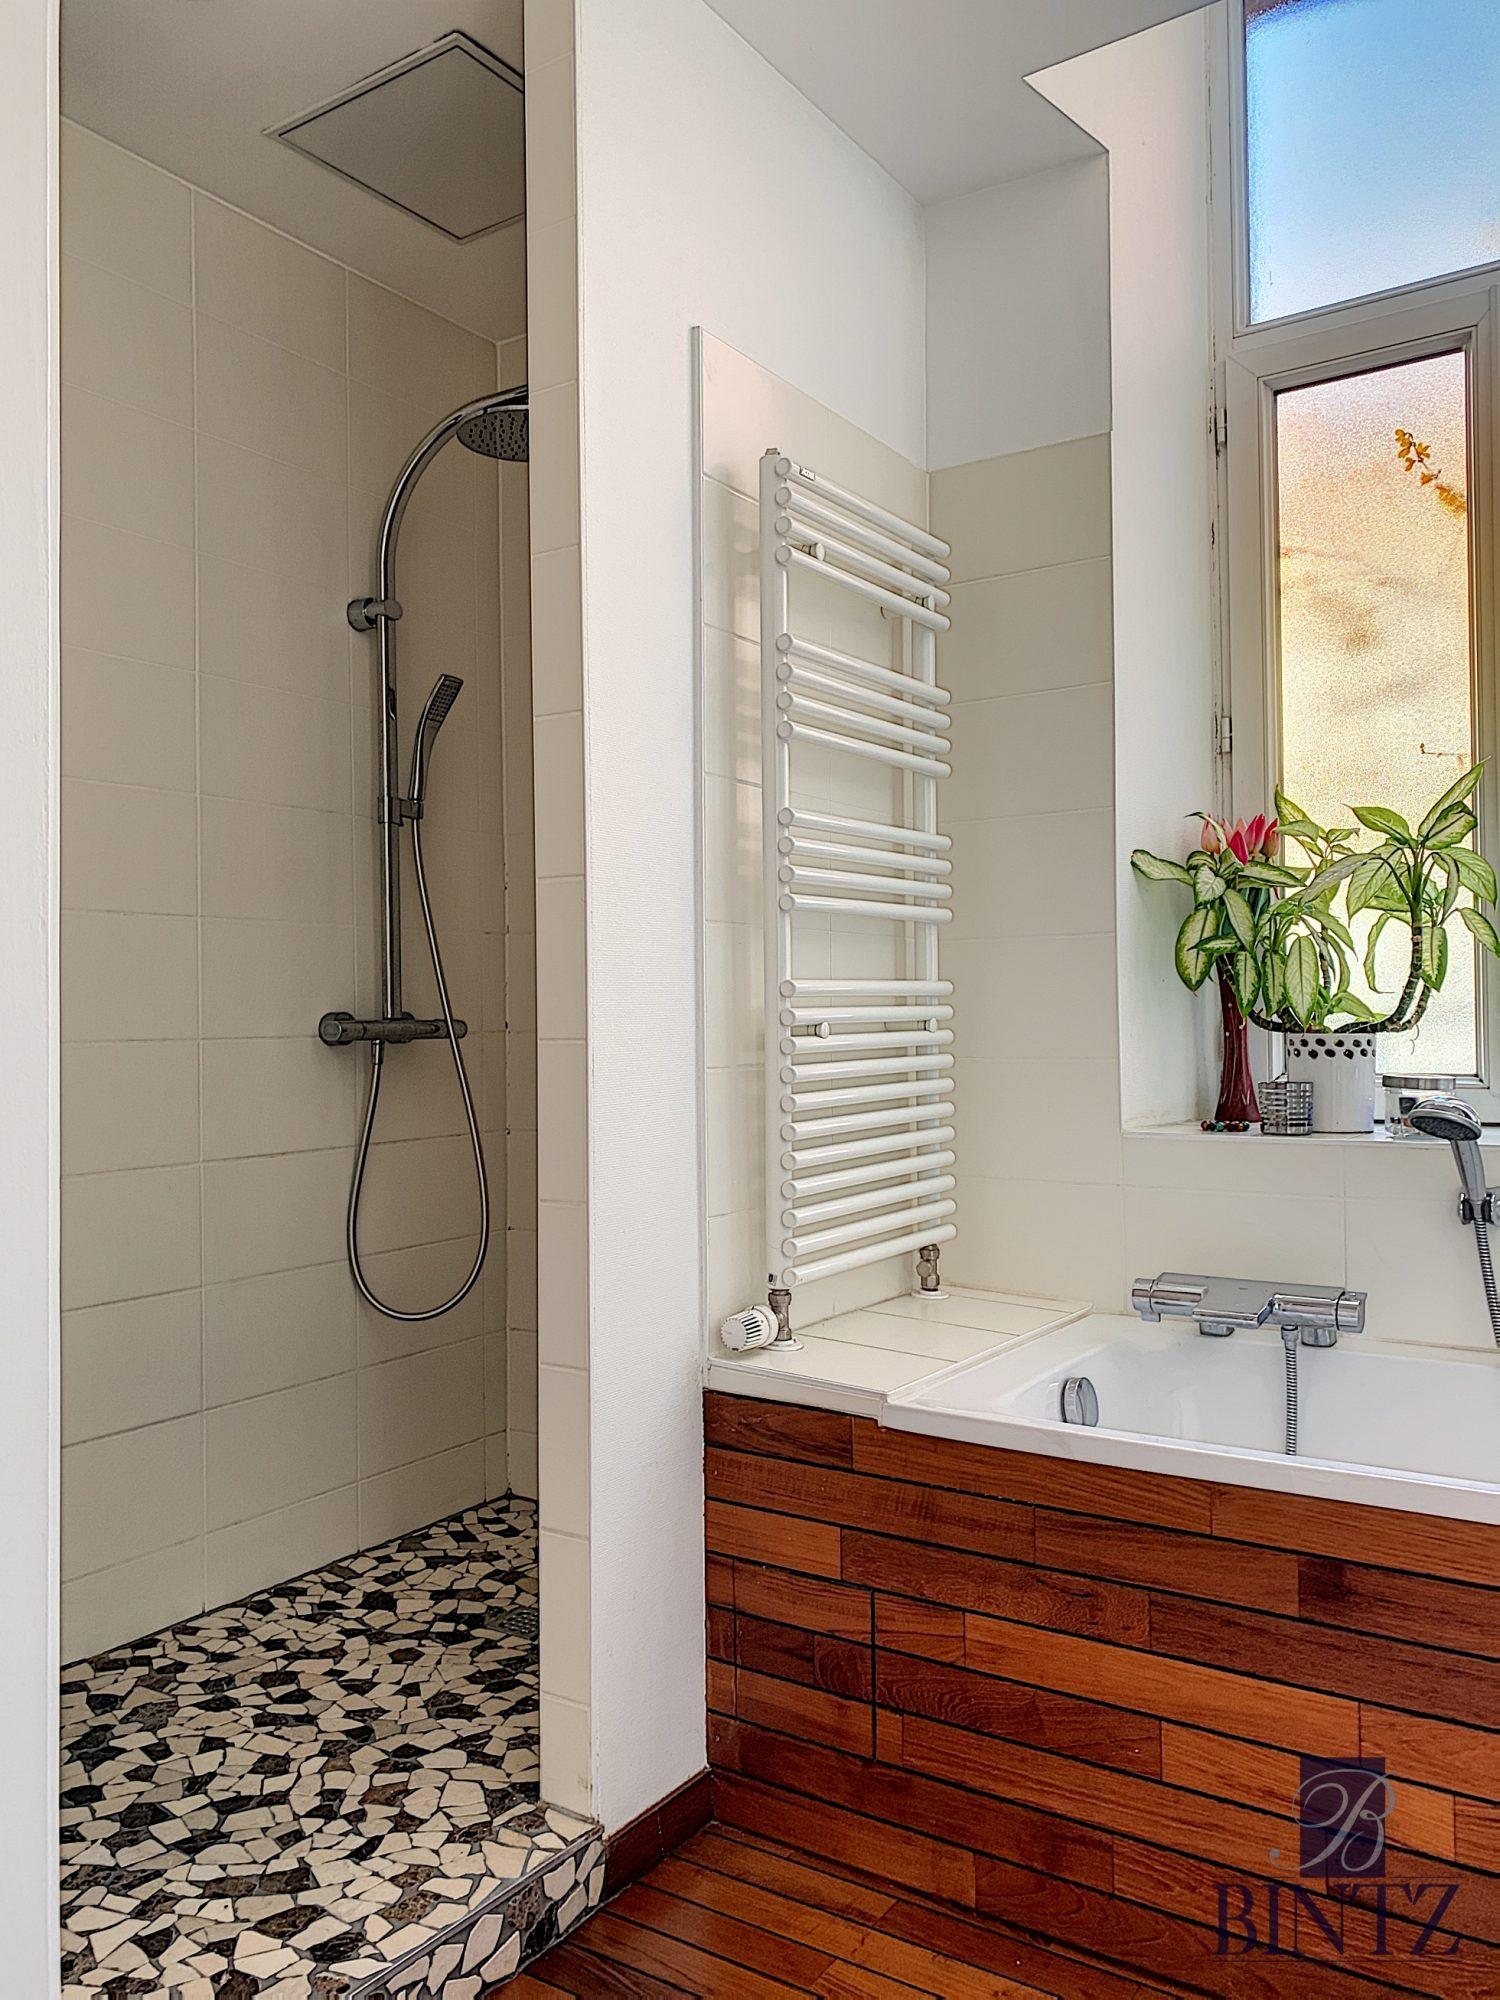 Appartement contemporain quartier forêt noire - Devenez propriétaire en toute confiance - Bintz Immobilier - 6